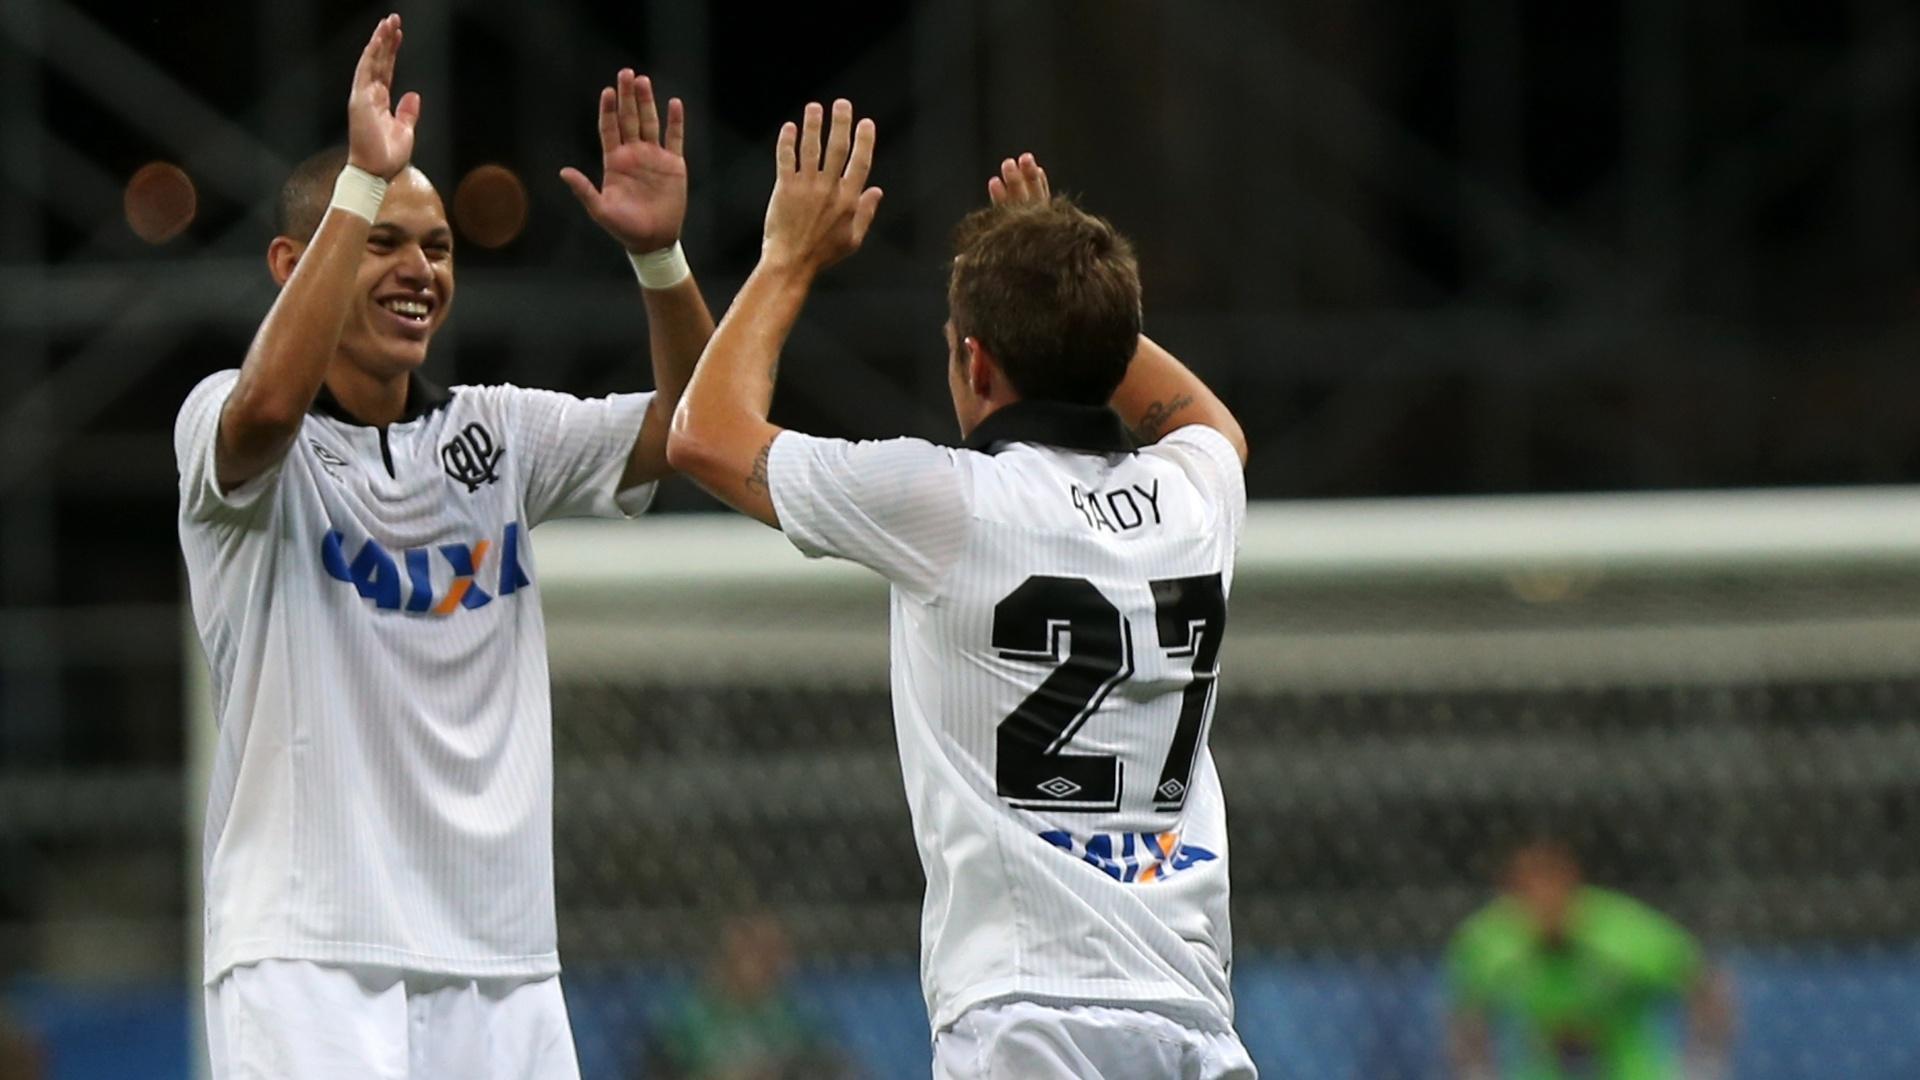 Bady aumentou a vantagem do Atlético-PR contra o Bahia